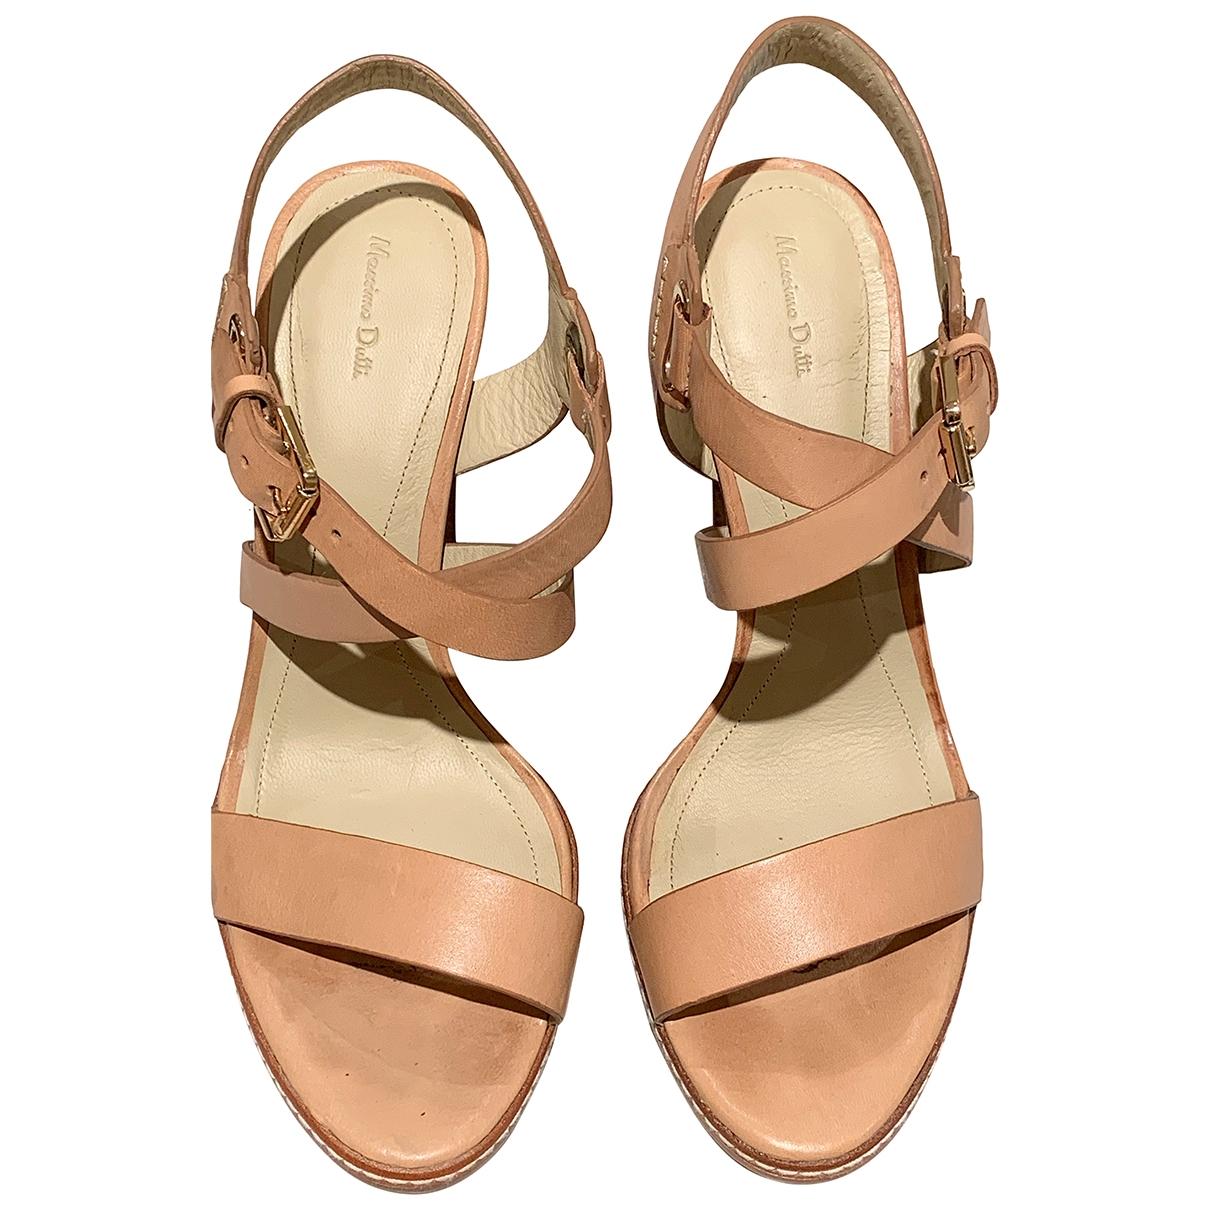 Massimo Dutti - Sandales   pour femme en cuir - beige